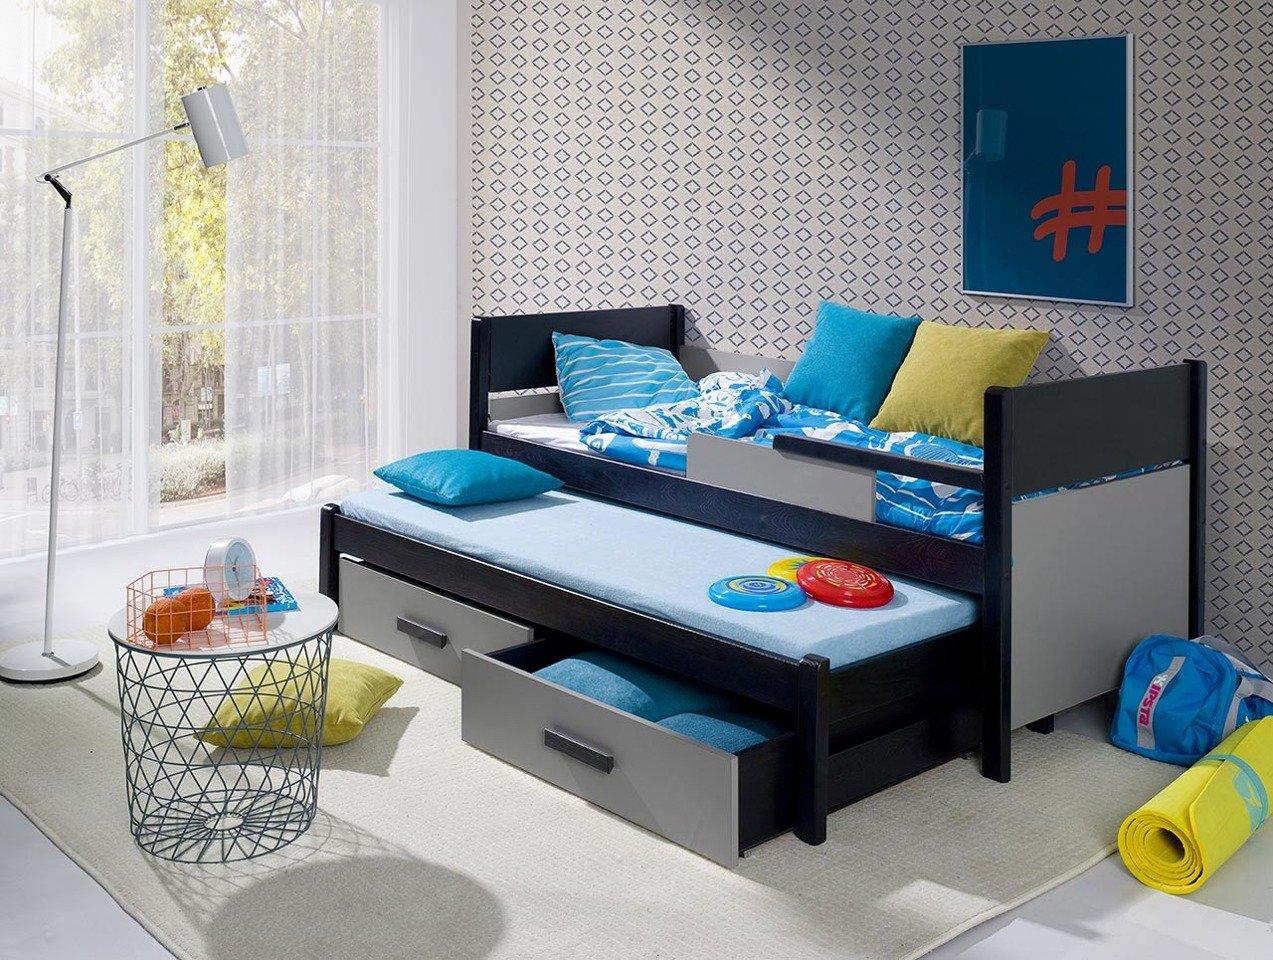 łóżko Piętrowe Niskie 2 Osobowe Do Pokoju Młodzieżowego Danilo Z Materacami